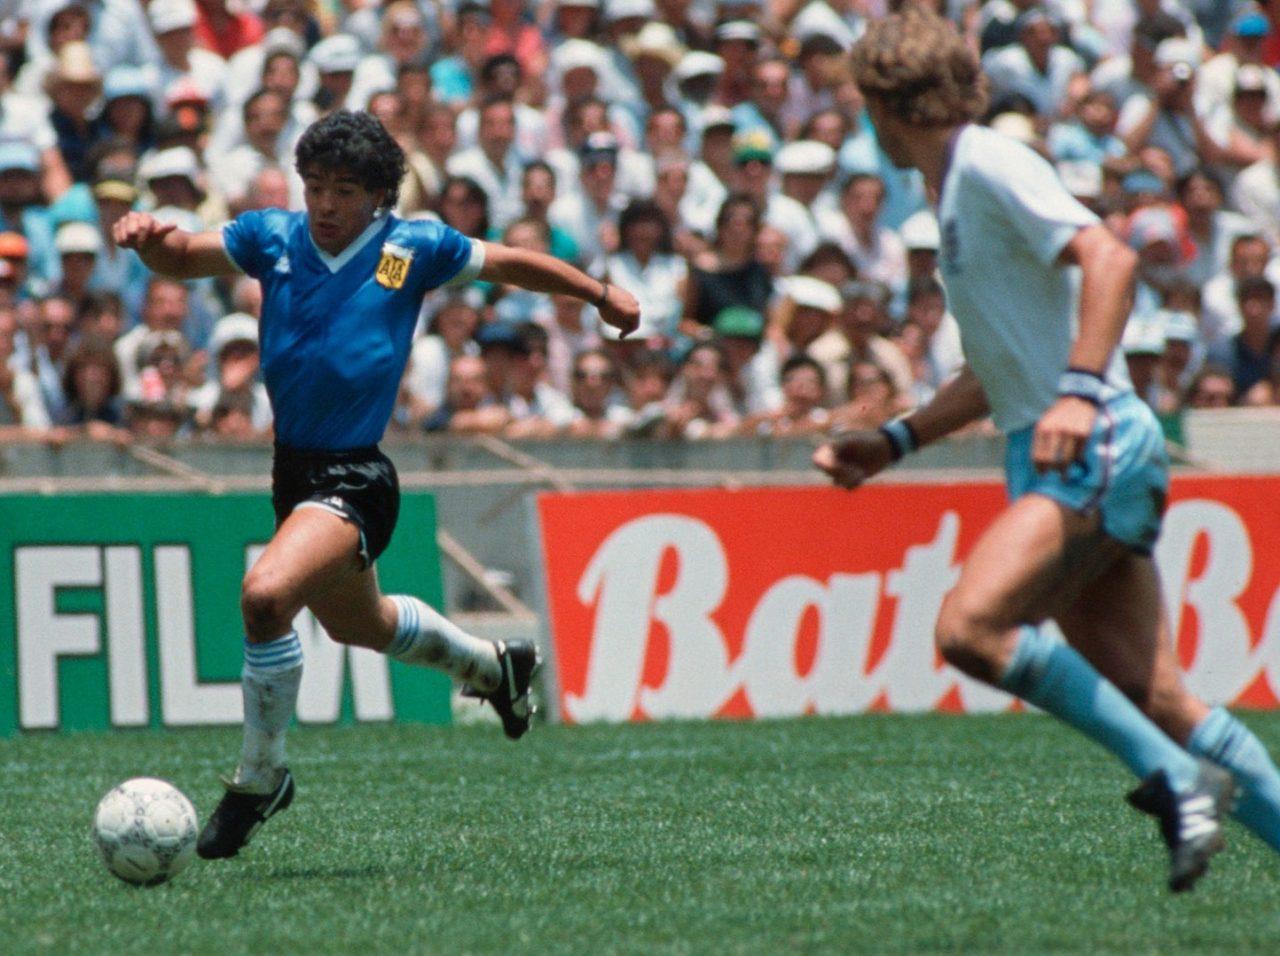 diego-maradona-argentina-england-1986-world-cup_n68h6o025mzh1uyzytdw7dqgk-2-1280x956.jpg